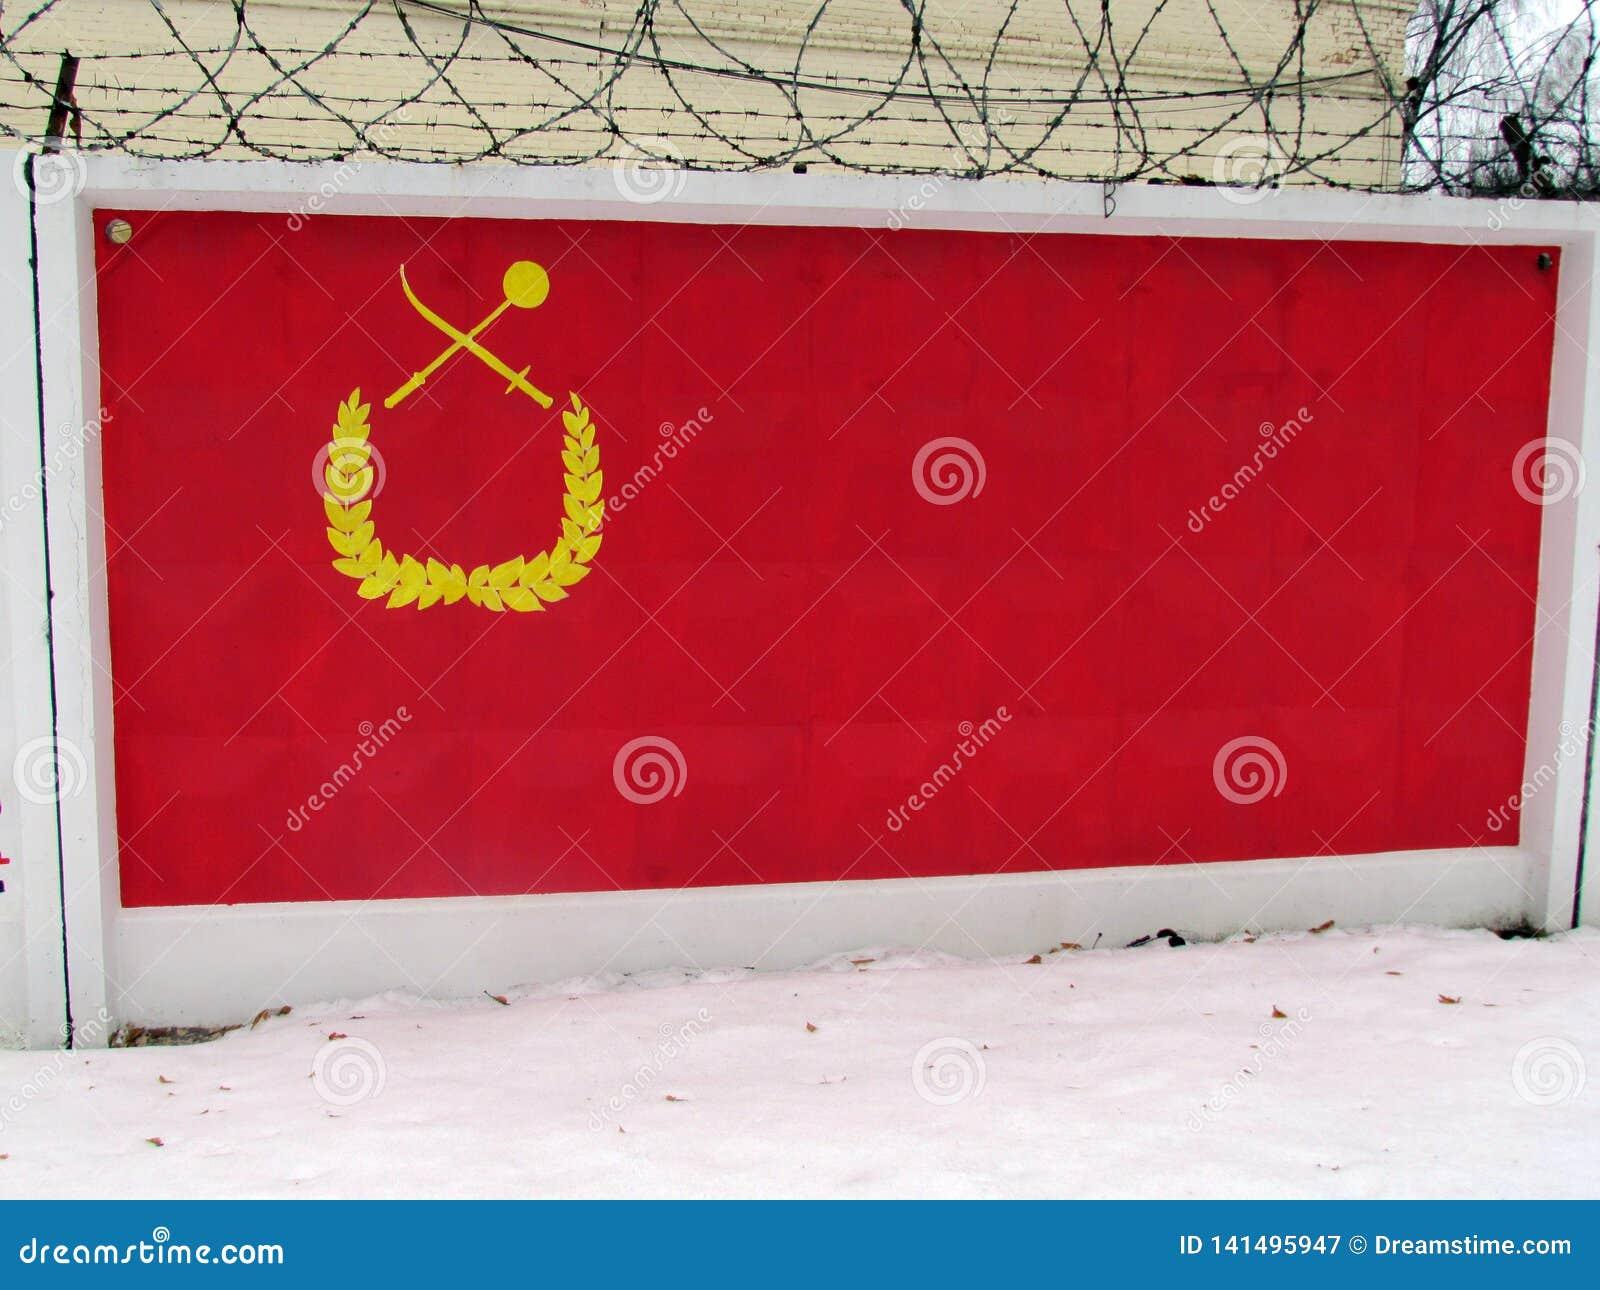 Εθνικές σύμβολα και σημαίες των περιοχών της περιοχής του Πολτάβα